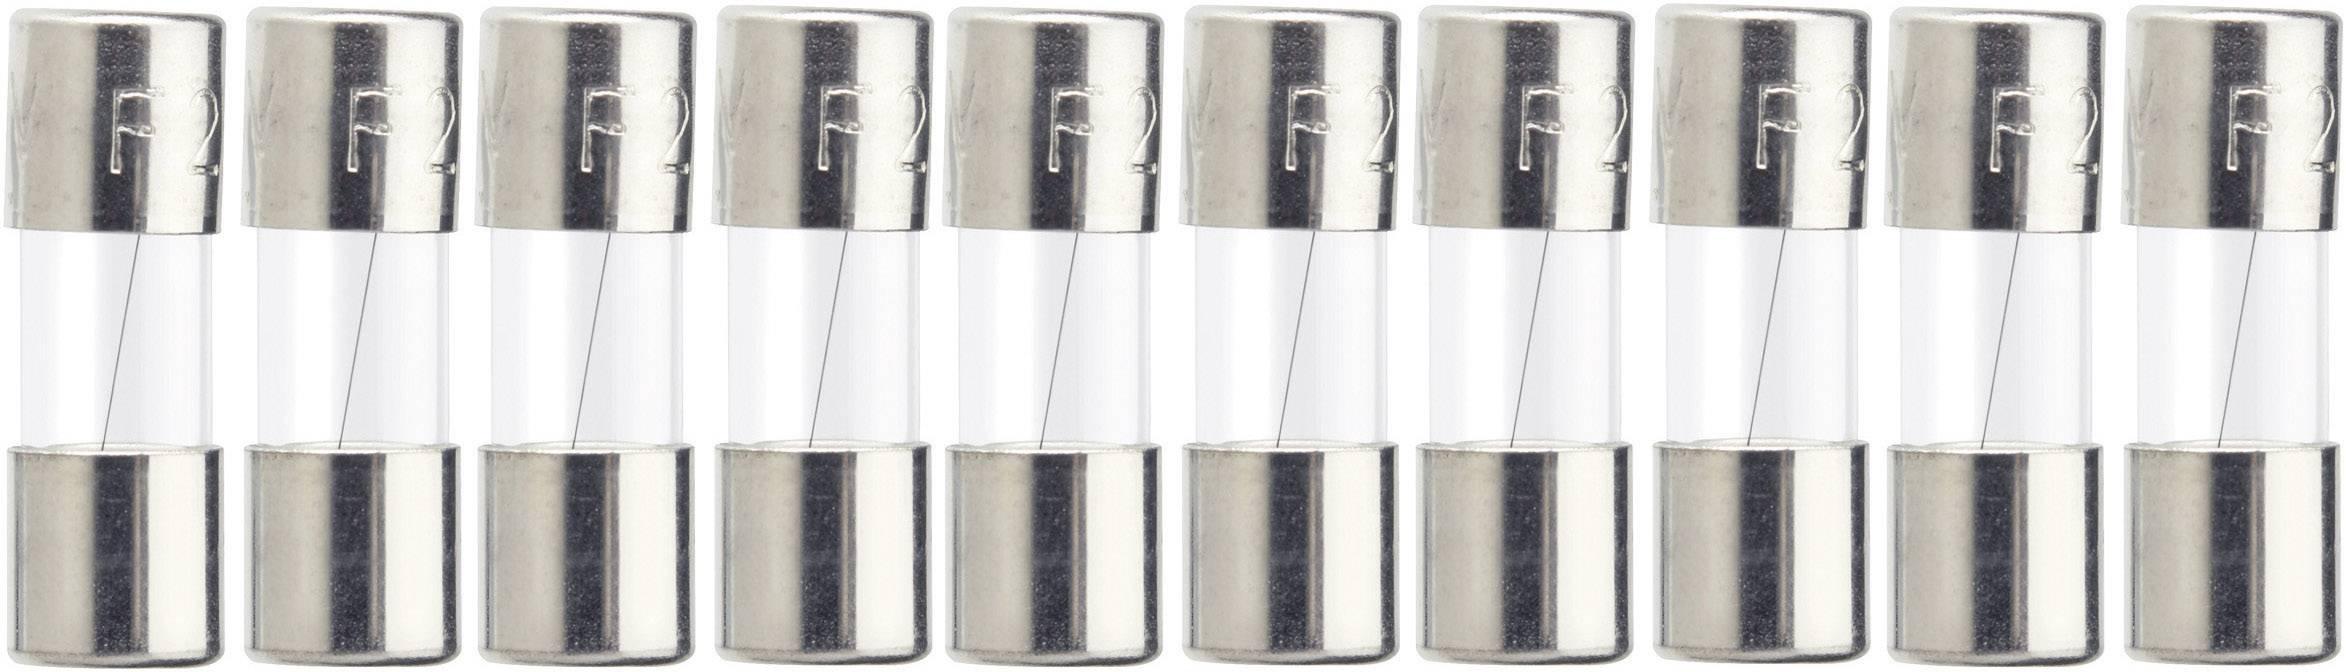 Jemná poistka ESKA 515611, 0.25 A, 250 V, (Ø x d) 5 mm x 15 mm, rýchly -F-, 10 ks